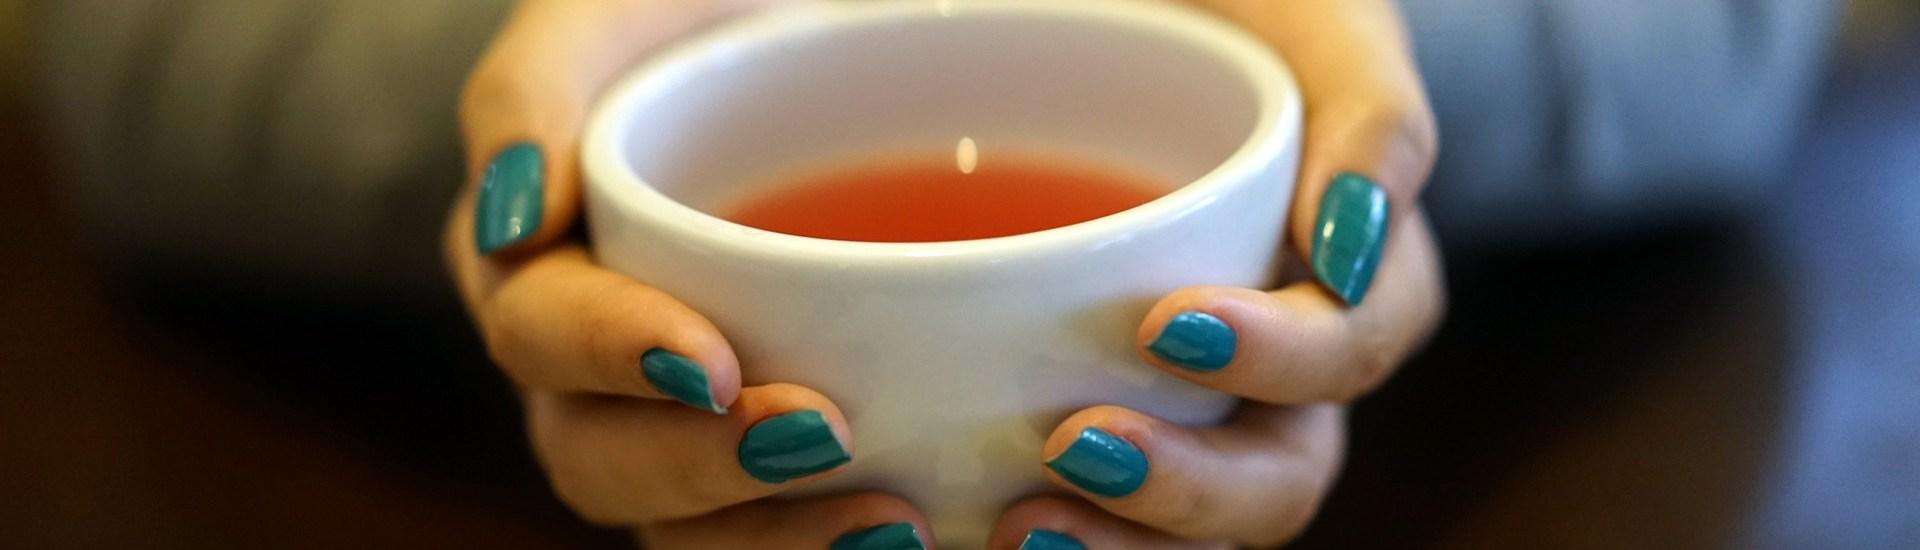 tea in hand